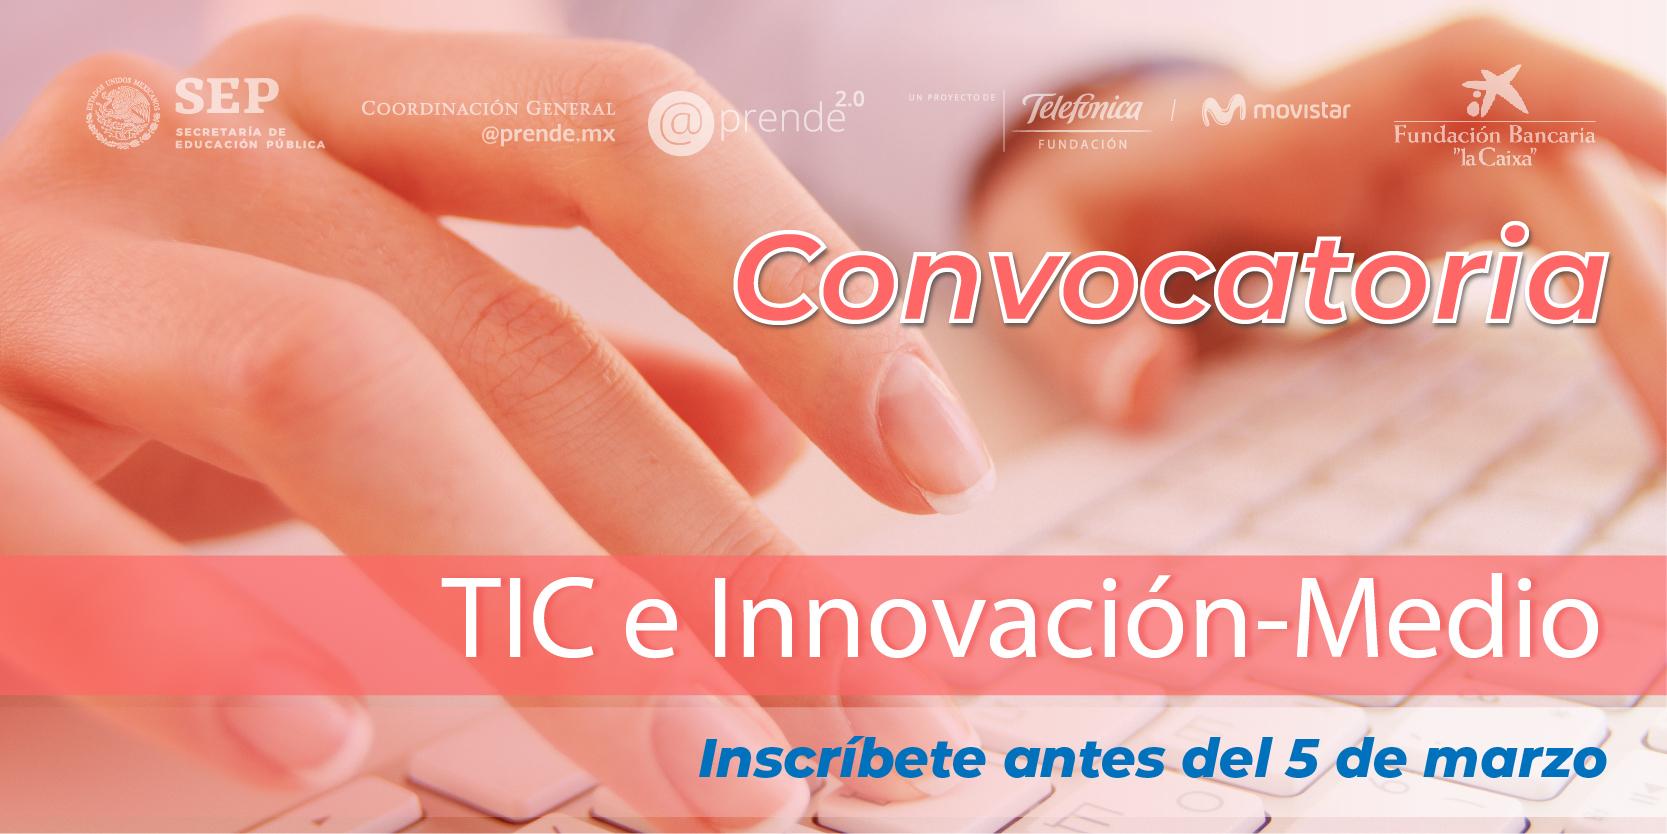 TIC e Innovación-Medio